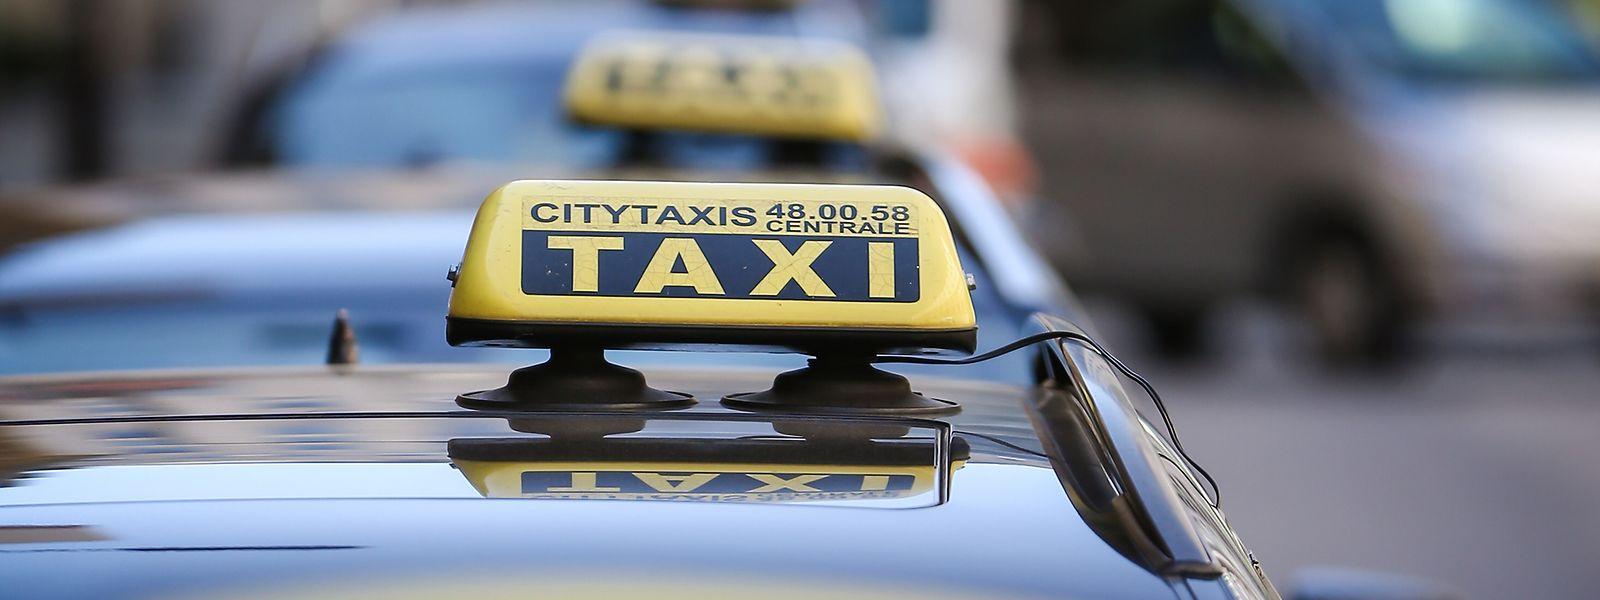 Le Grand-Duché comptait 130 compagnies de taxi avant la crise covid. Déjà certaines ont dû mettre la clef sous la porte.